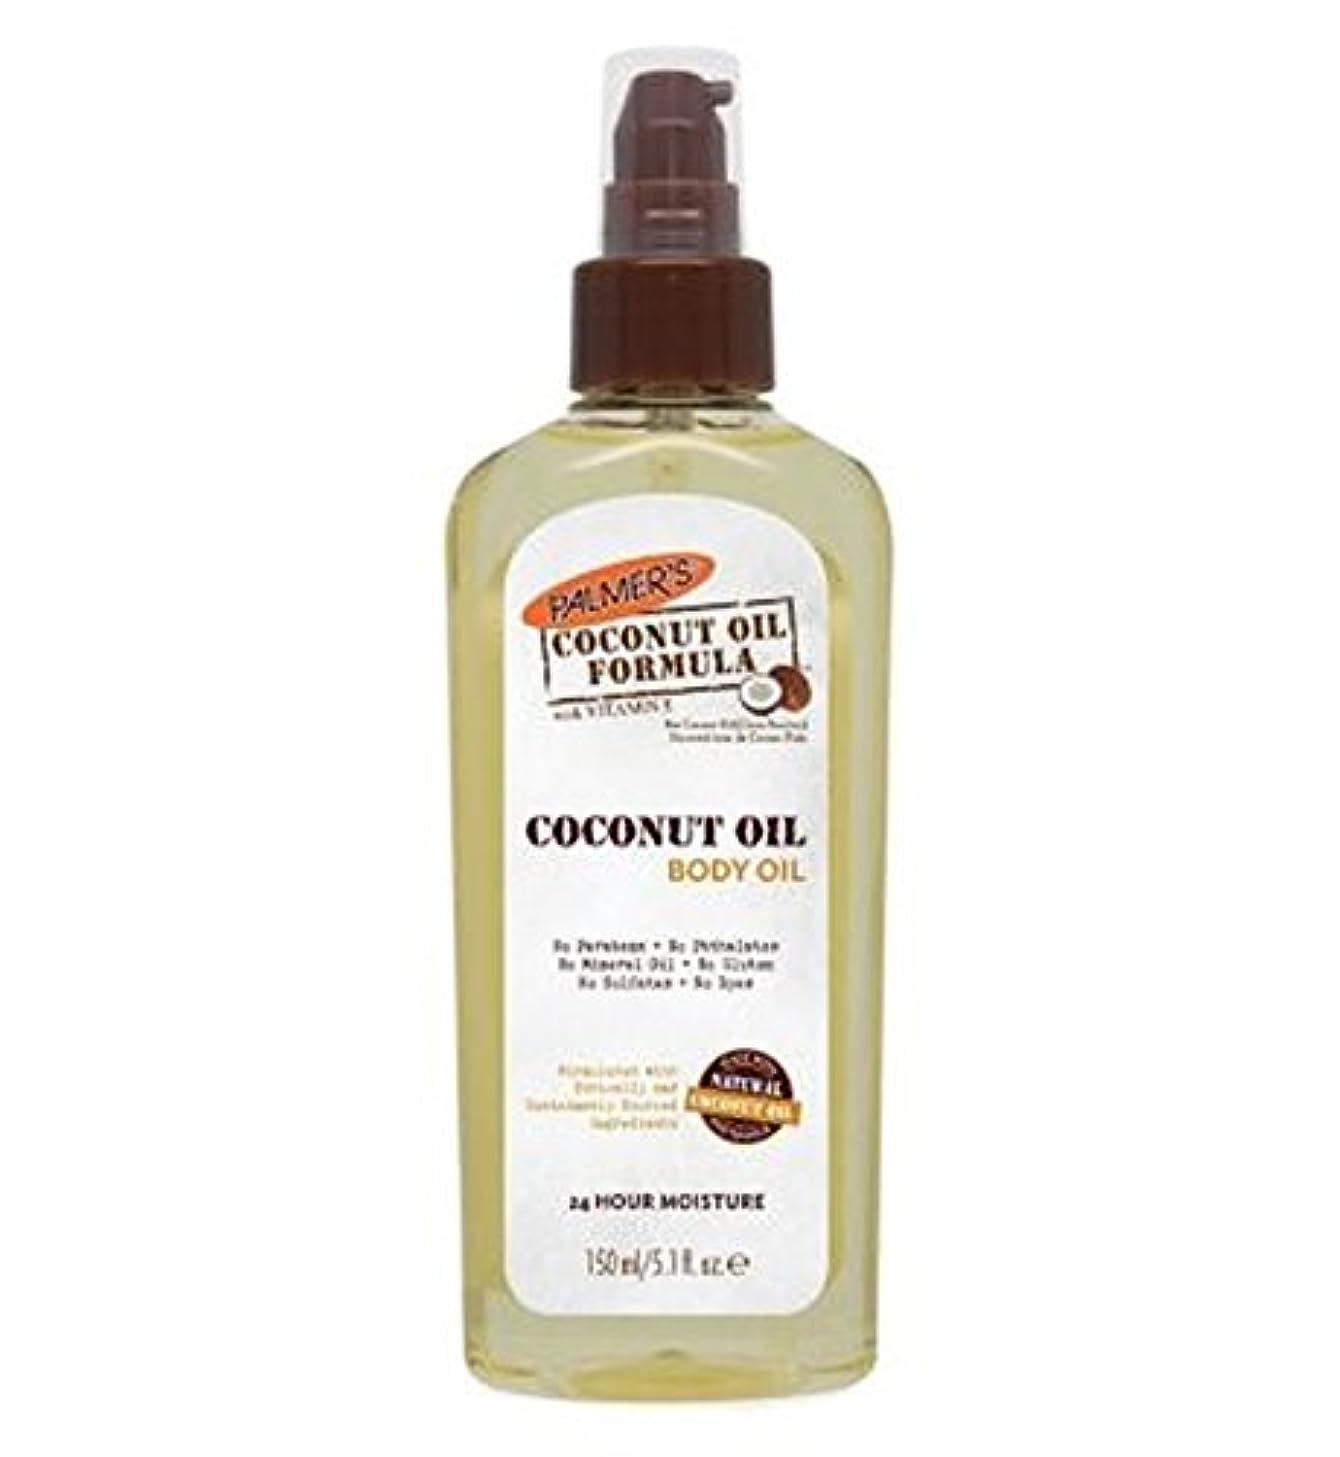 ディレクター意図祭りPalmer's Coconut Oil Formula Body Oil 150ml - パーマーのココナッツオイル式ボディオイル150ミリリットル (Palmer's) [並行輸入品]